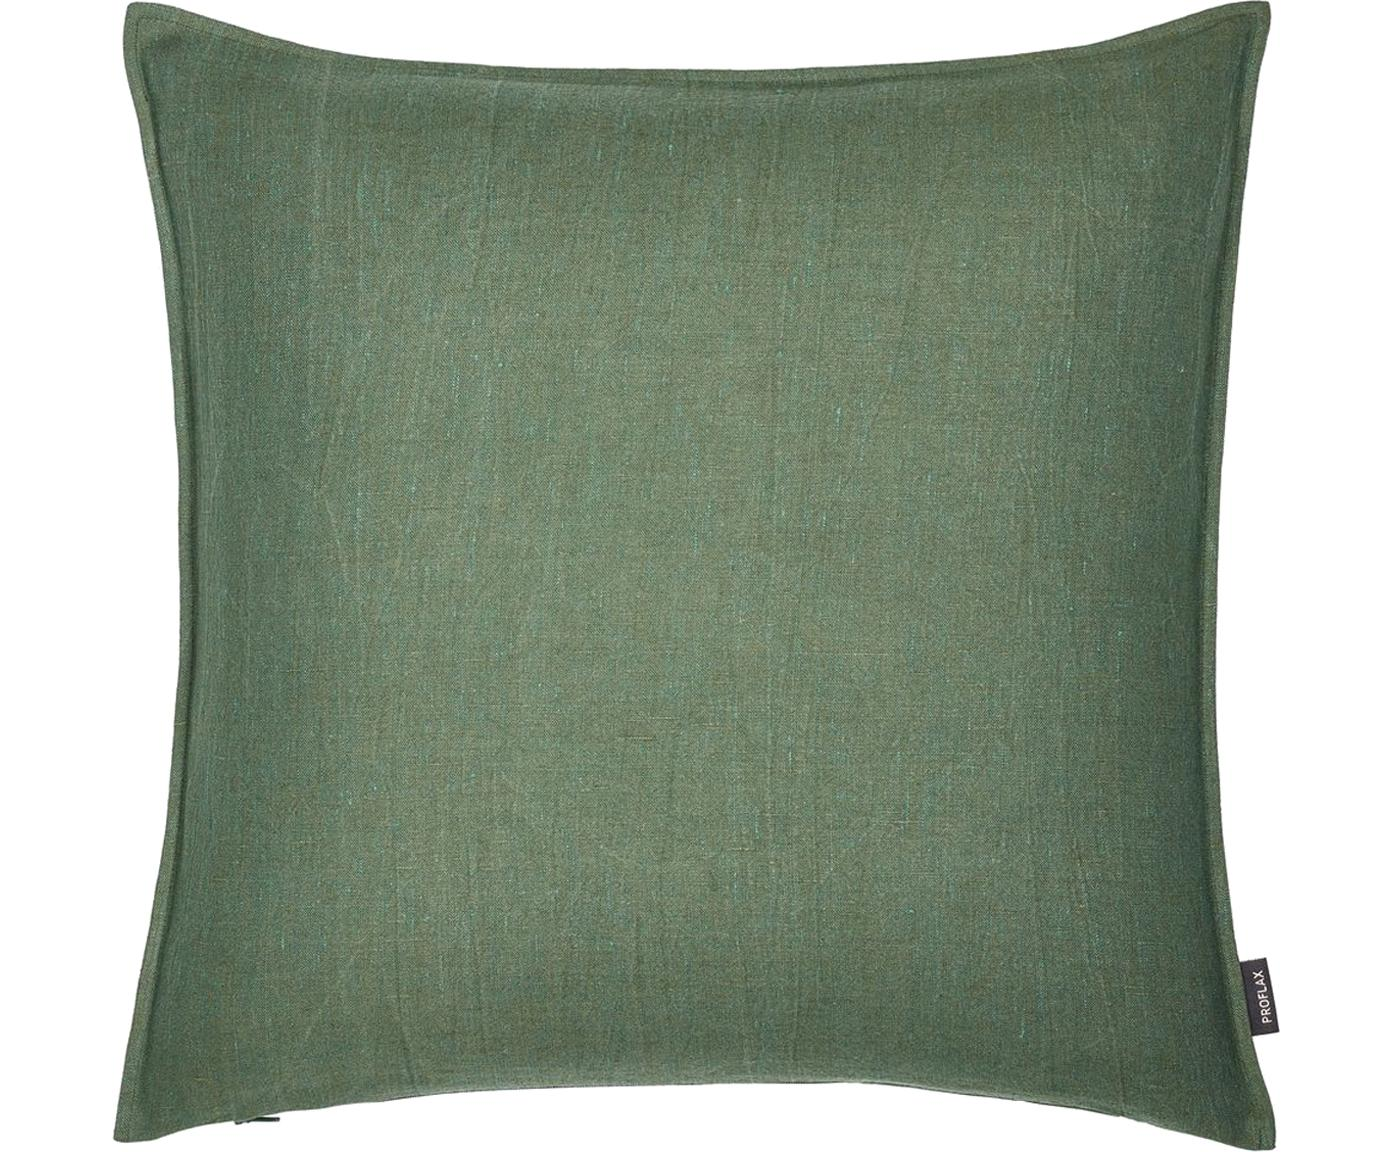 Federa arredo in lino lavato verde Sven, Lino, Verde scuro, Larg. 40 x Lung. 40 cm